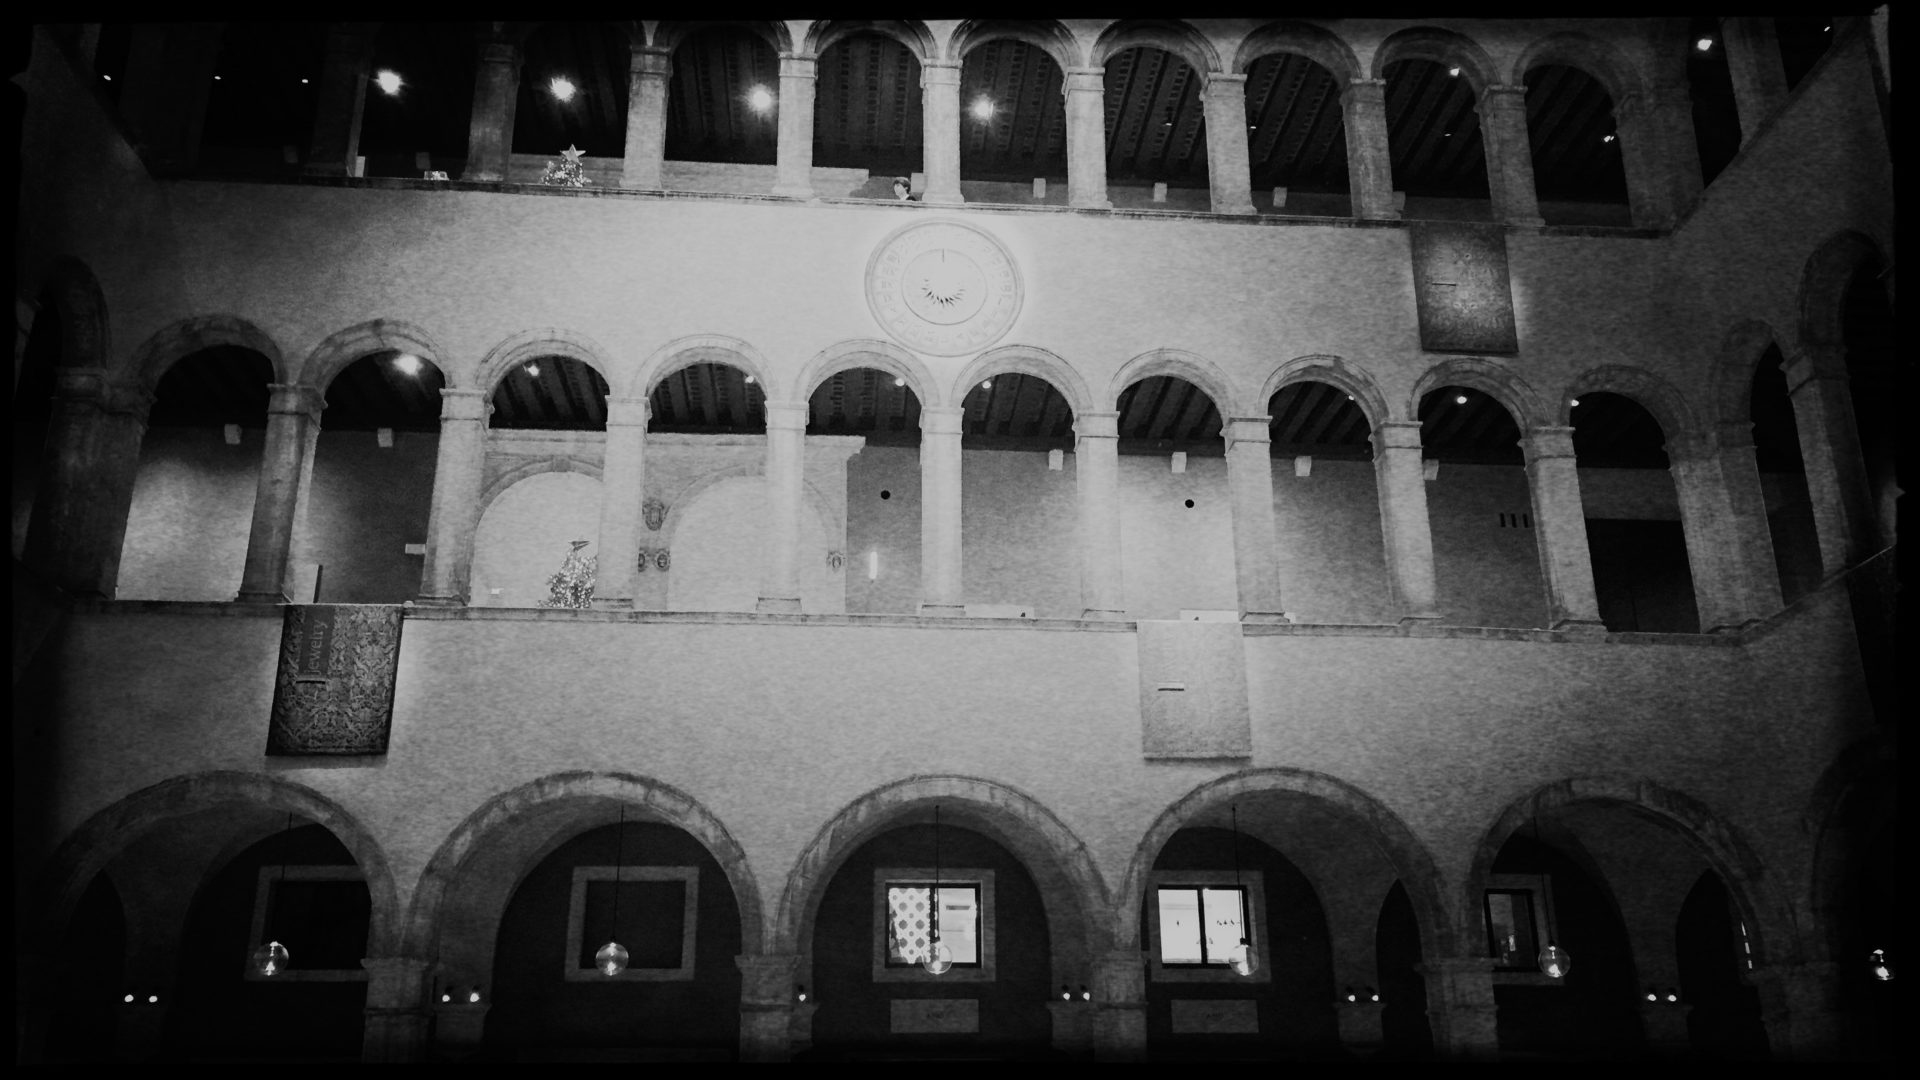 Innenleben der Fondazione Tedeschi, einem vornehmen Kaufhaus, das nach einem Deutschen benannt ist